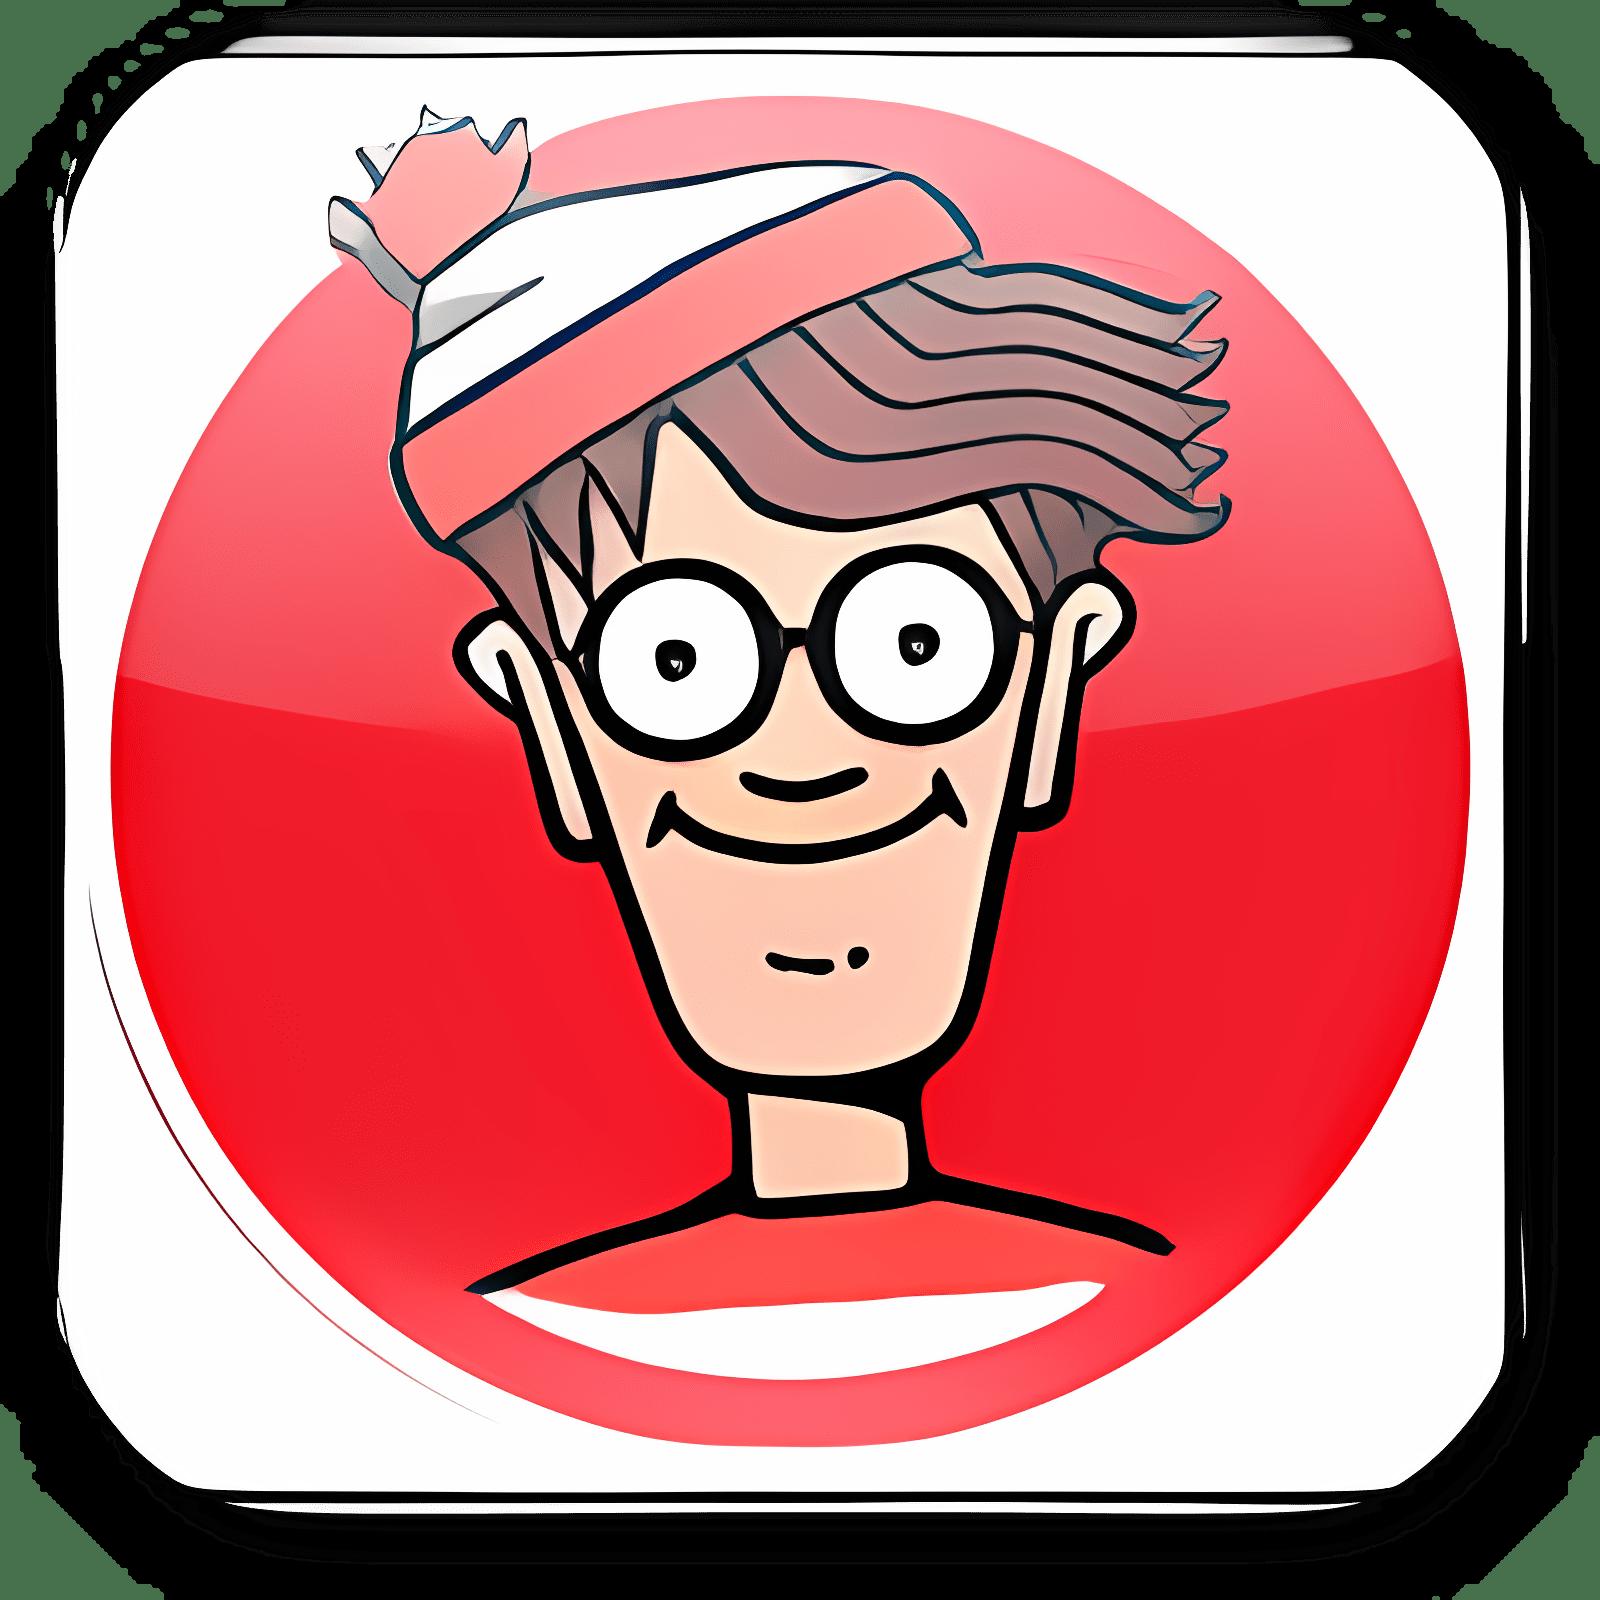 ¿Dónde está Wally? El Viaje Fantástico 1.1.3